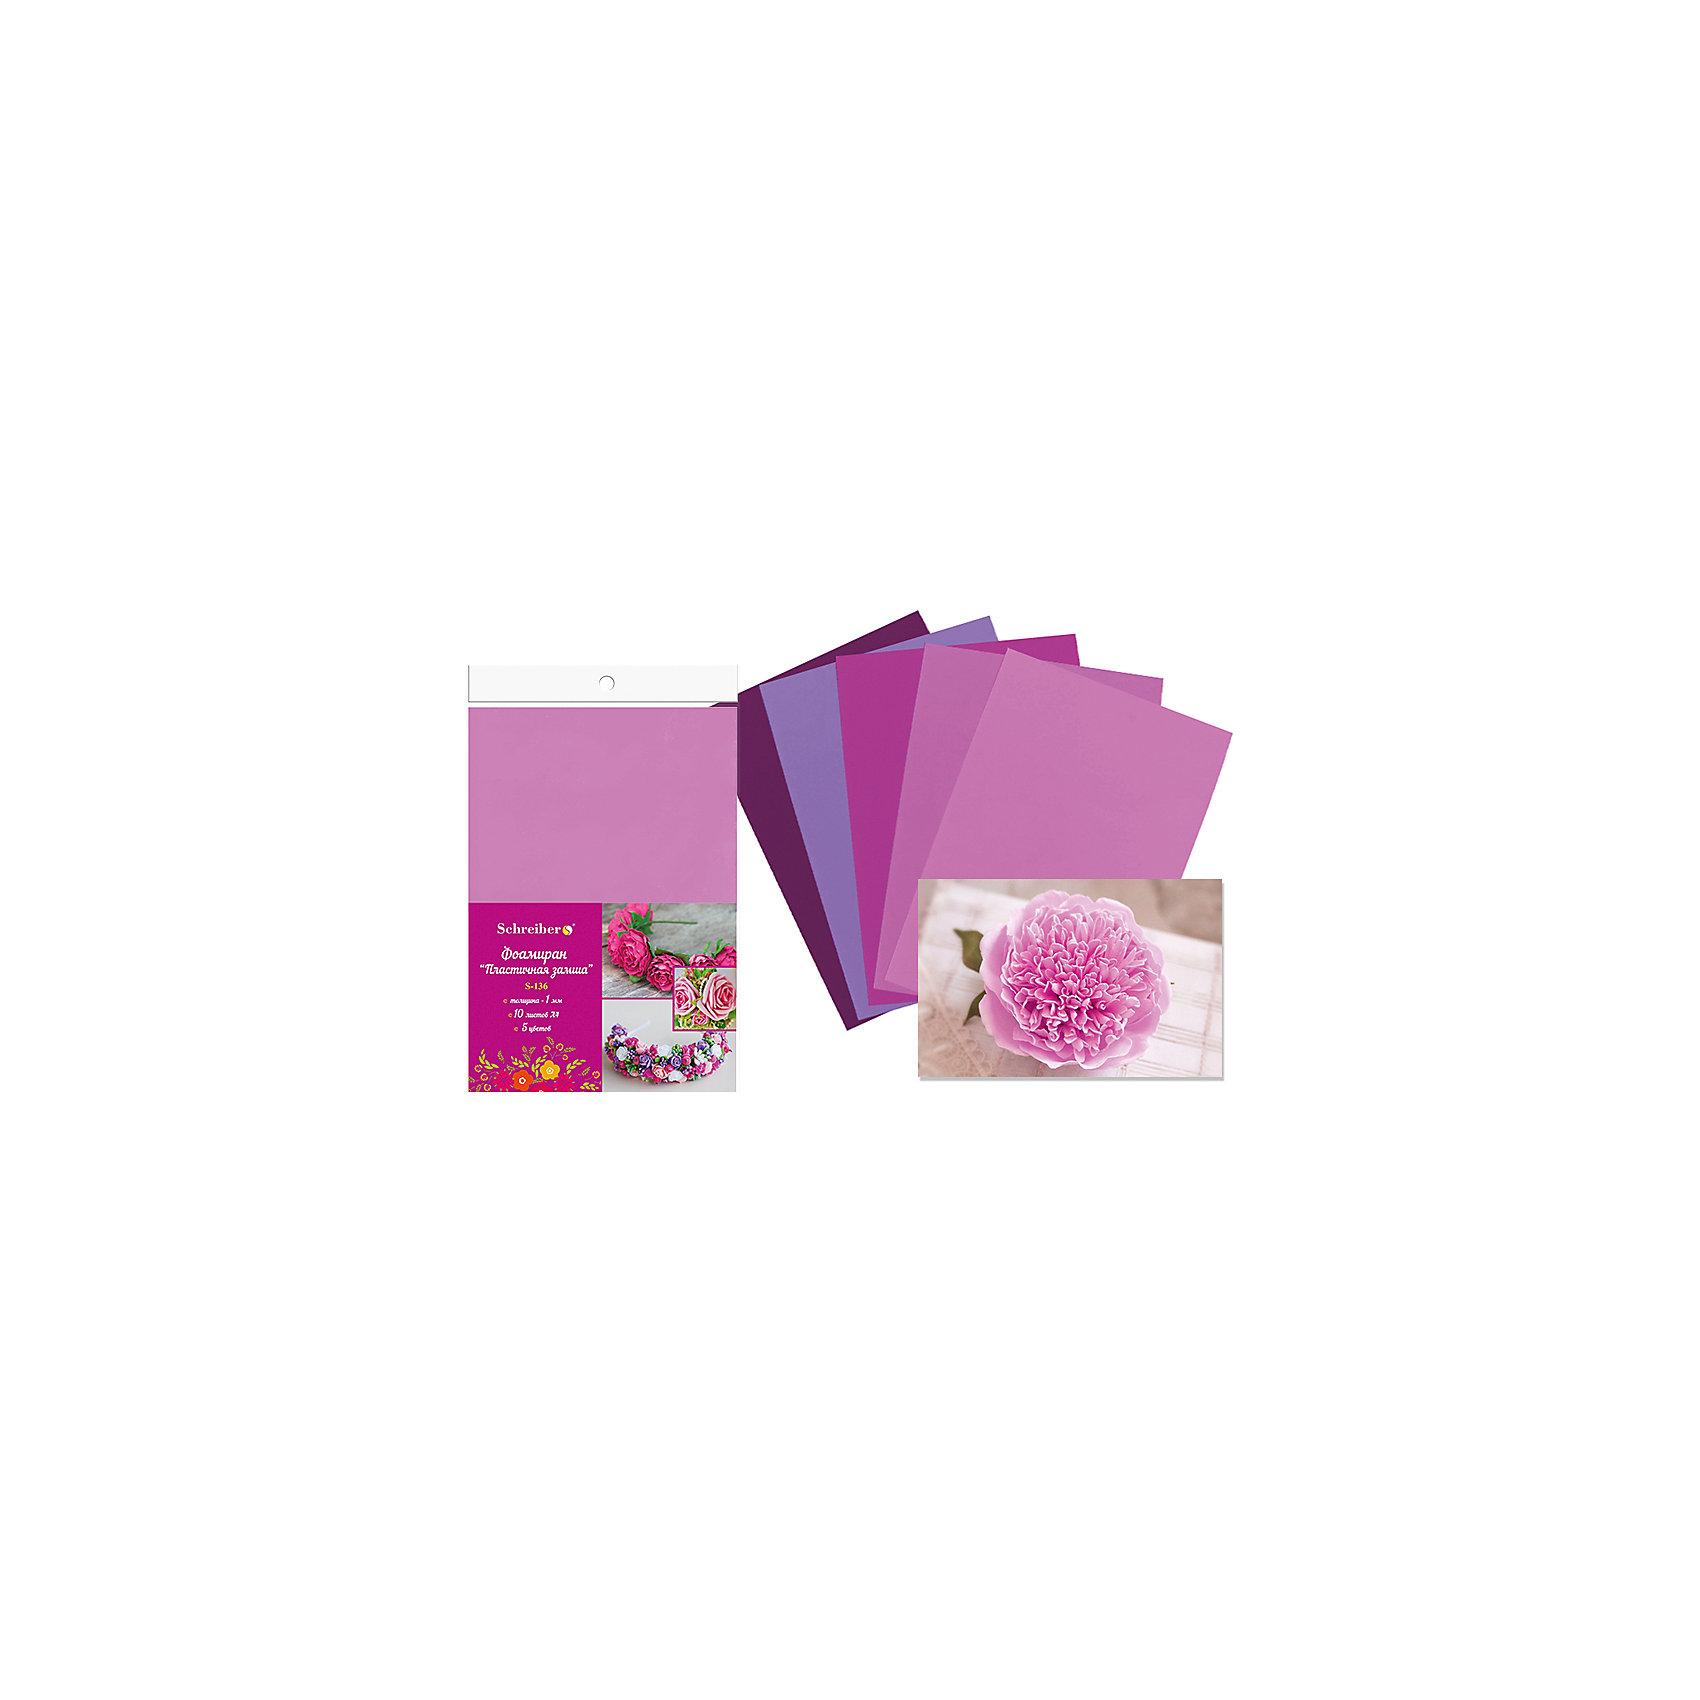 Набор фоамирана, 10листов, 1мм, А4, 5 цветов в ассортименте, сиреневая палитраПоследняя цена<br>Набор фоамирана, 10листов, 1мм, А4, 5 цветов в ассортименте, сиреневая палитра.<br><br>Характеристики:<br><br>• Возраст: от 6 лет<br>• Количество листов: 10 шт. формата А4<br>• Толщина листа: 1 мм.<br>• Количество цветов: 5 (сиреневая палитра)<br><br>Фоамиран (пластичная замша) - популярный материал для творчества. Из него можно создавать декоративные цветы, украшения для волос, броши, небольшие забавные игрушки, декоративные элементы для фоторамок или блокнотов и многое другое. Работать с фоамираном просто и удобно, он режется ножницами, тянется, становится пластичным и меняет свою форму даже от тепла человеческих рук. Фоамиран очень легко моделируется и принимает нужную форму. Он тонируется акриловыми и масляными красками, сухой пастелью и даже тенями для глаз. Для создания цветов или аппликаций потребуется термоклей или секундный клей. Материал нетоксичен.<br><br>Набор фоамирана, 10листов, 1мм, А4, 5 цветов в ассортименте, сиреневая палитра можно купить в нашем интернет-магазине.<br><br>Ширина мм: 330<br>Глубина мм: 8<br>Высота мм: 210<br>Вес г: 68<br>Возраст от месяцев: 72<br>Возраст до месяцев: 2147483647<br>Пол: Унисекс<br>Возраст: Детский<br>SKU: 5504488